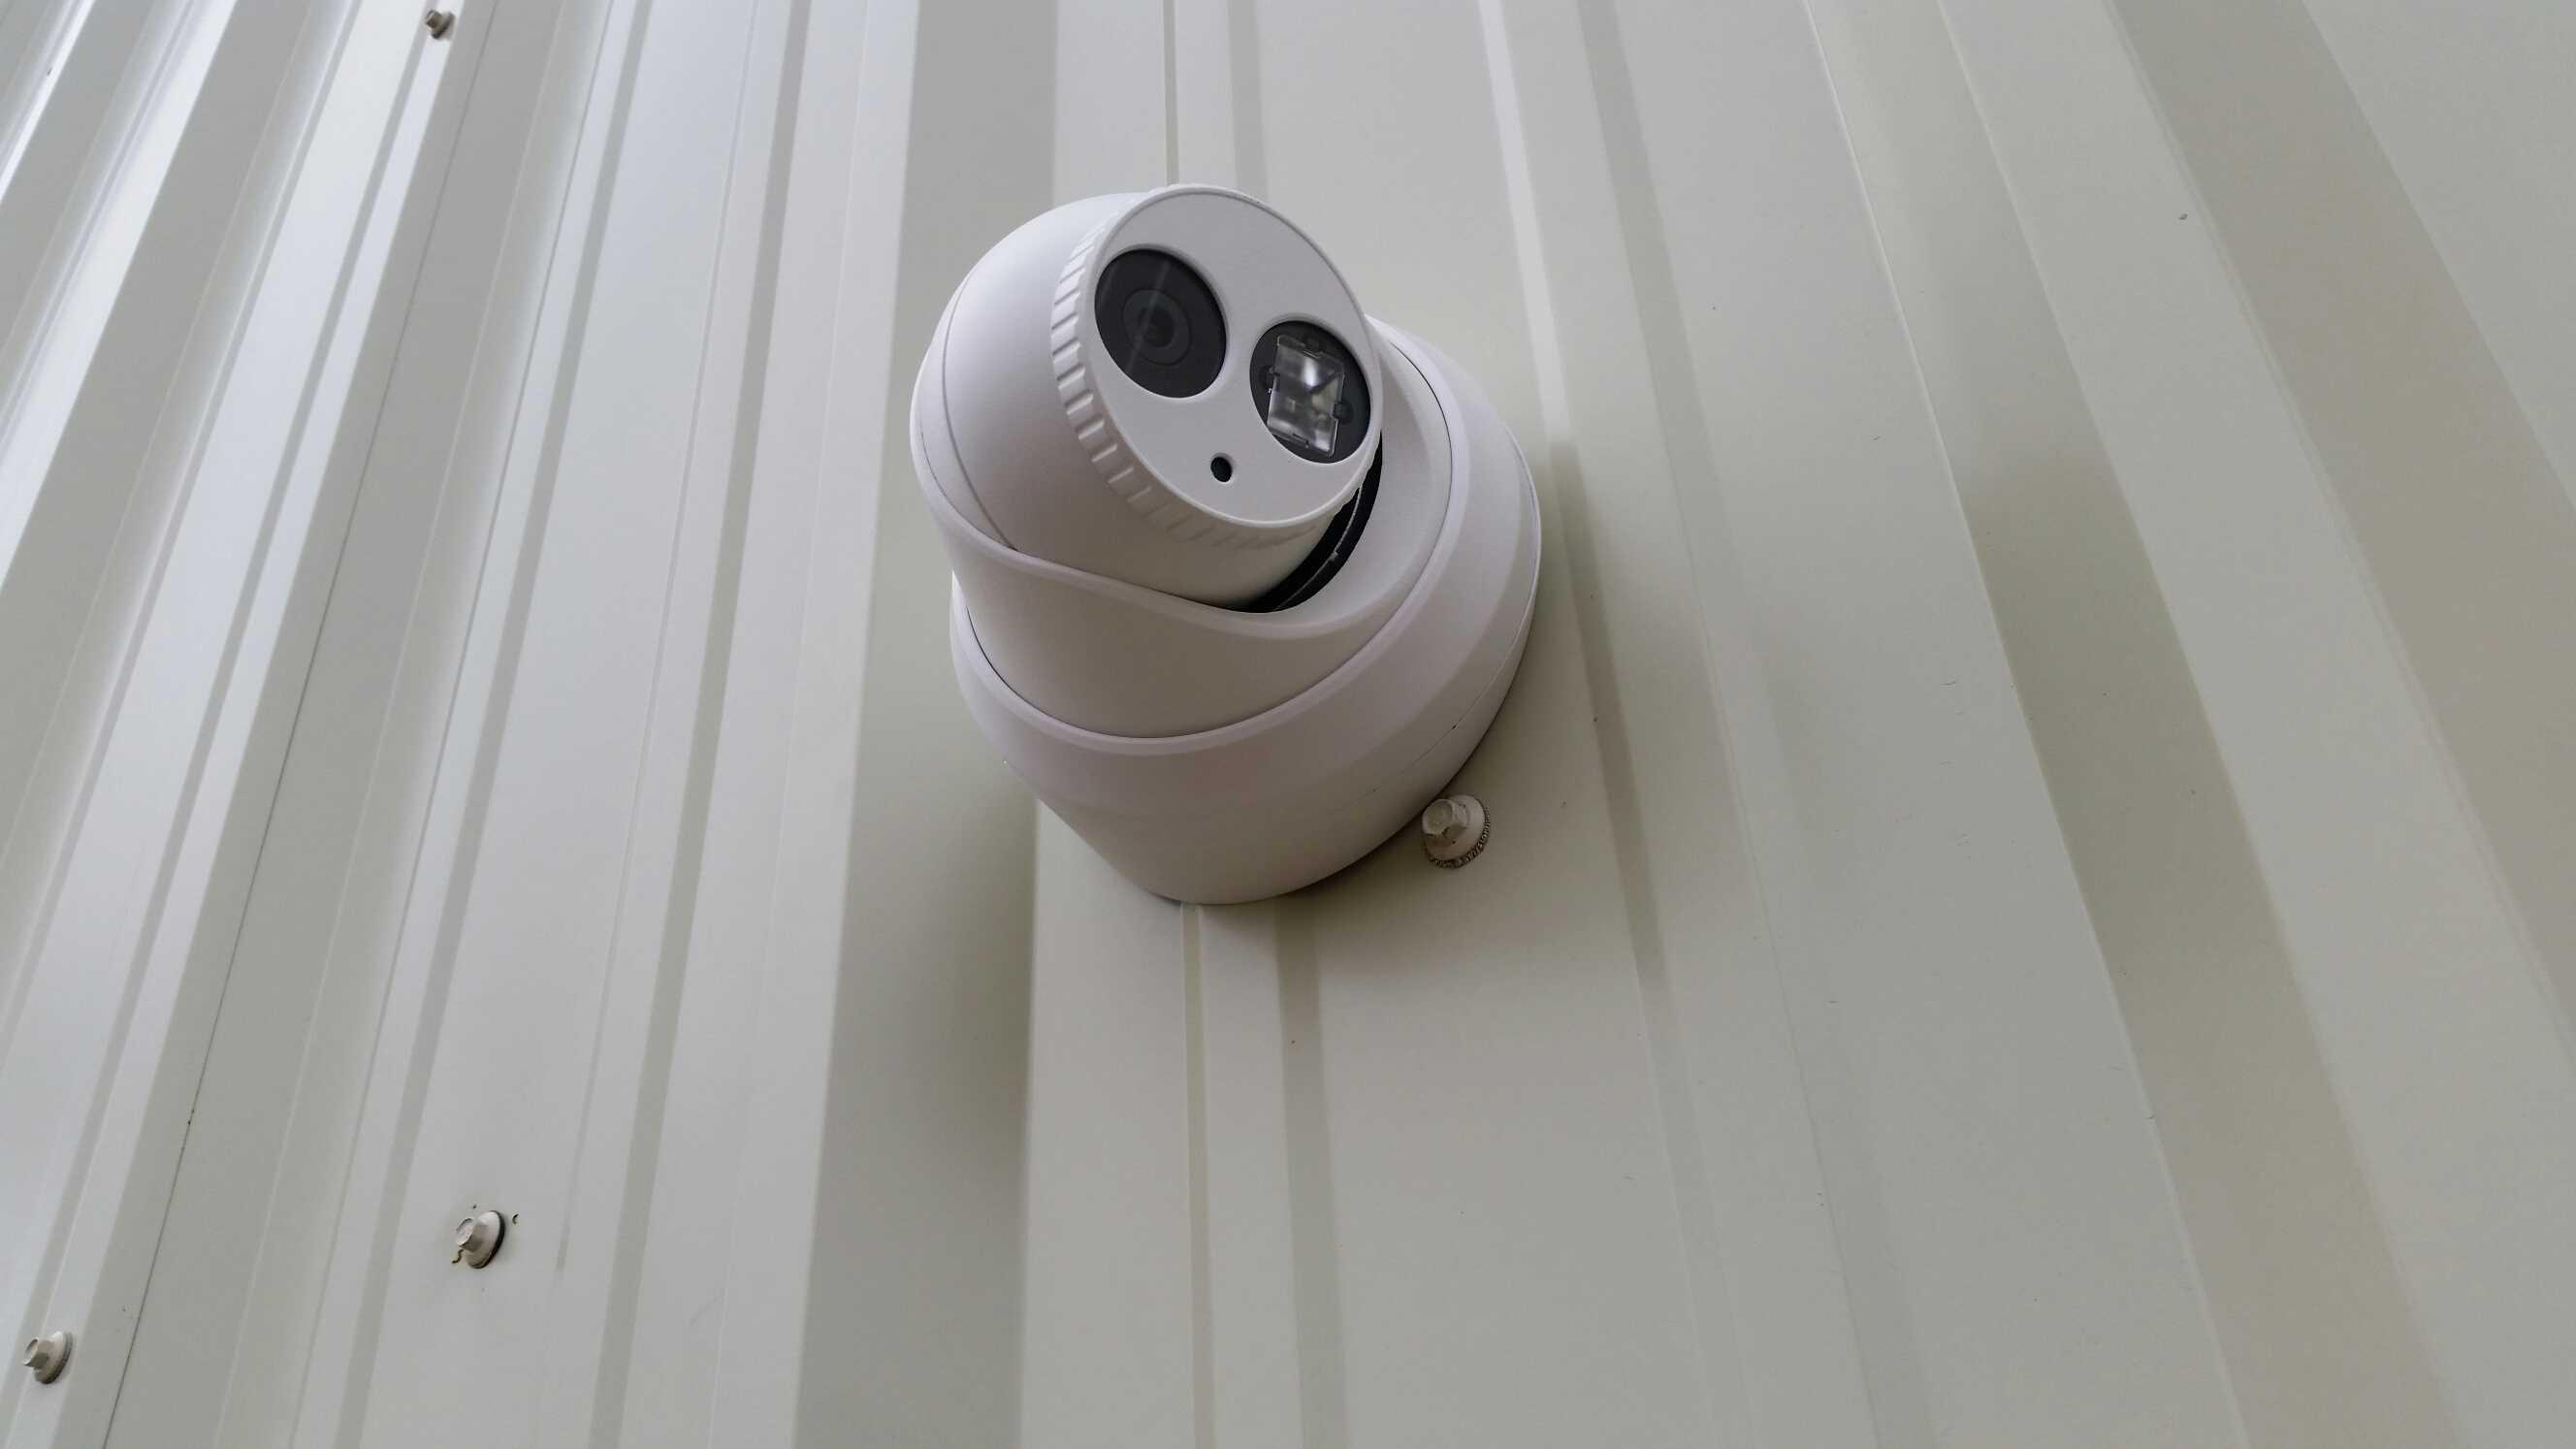 Gallery Action Security Cameras